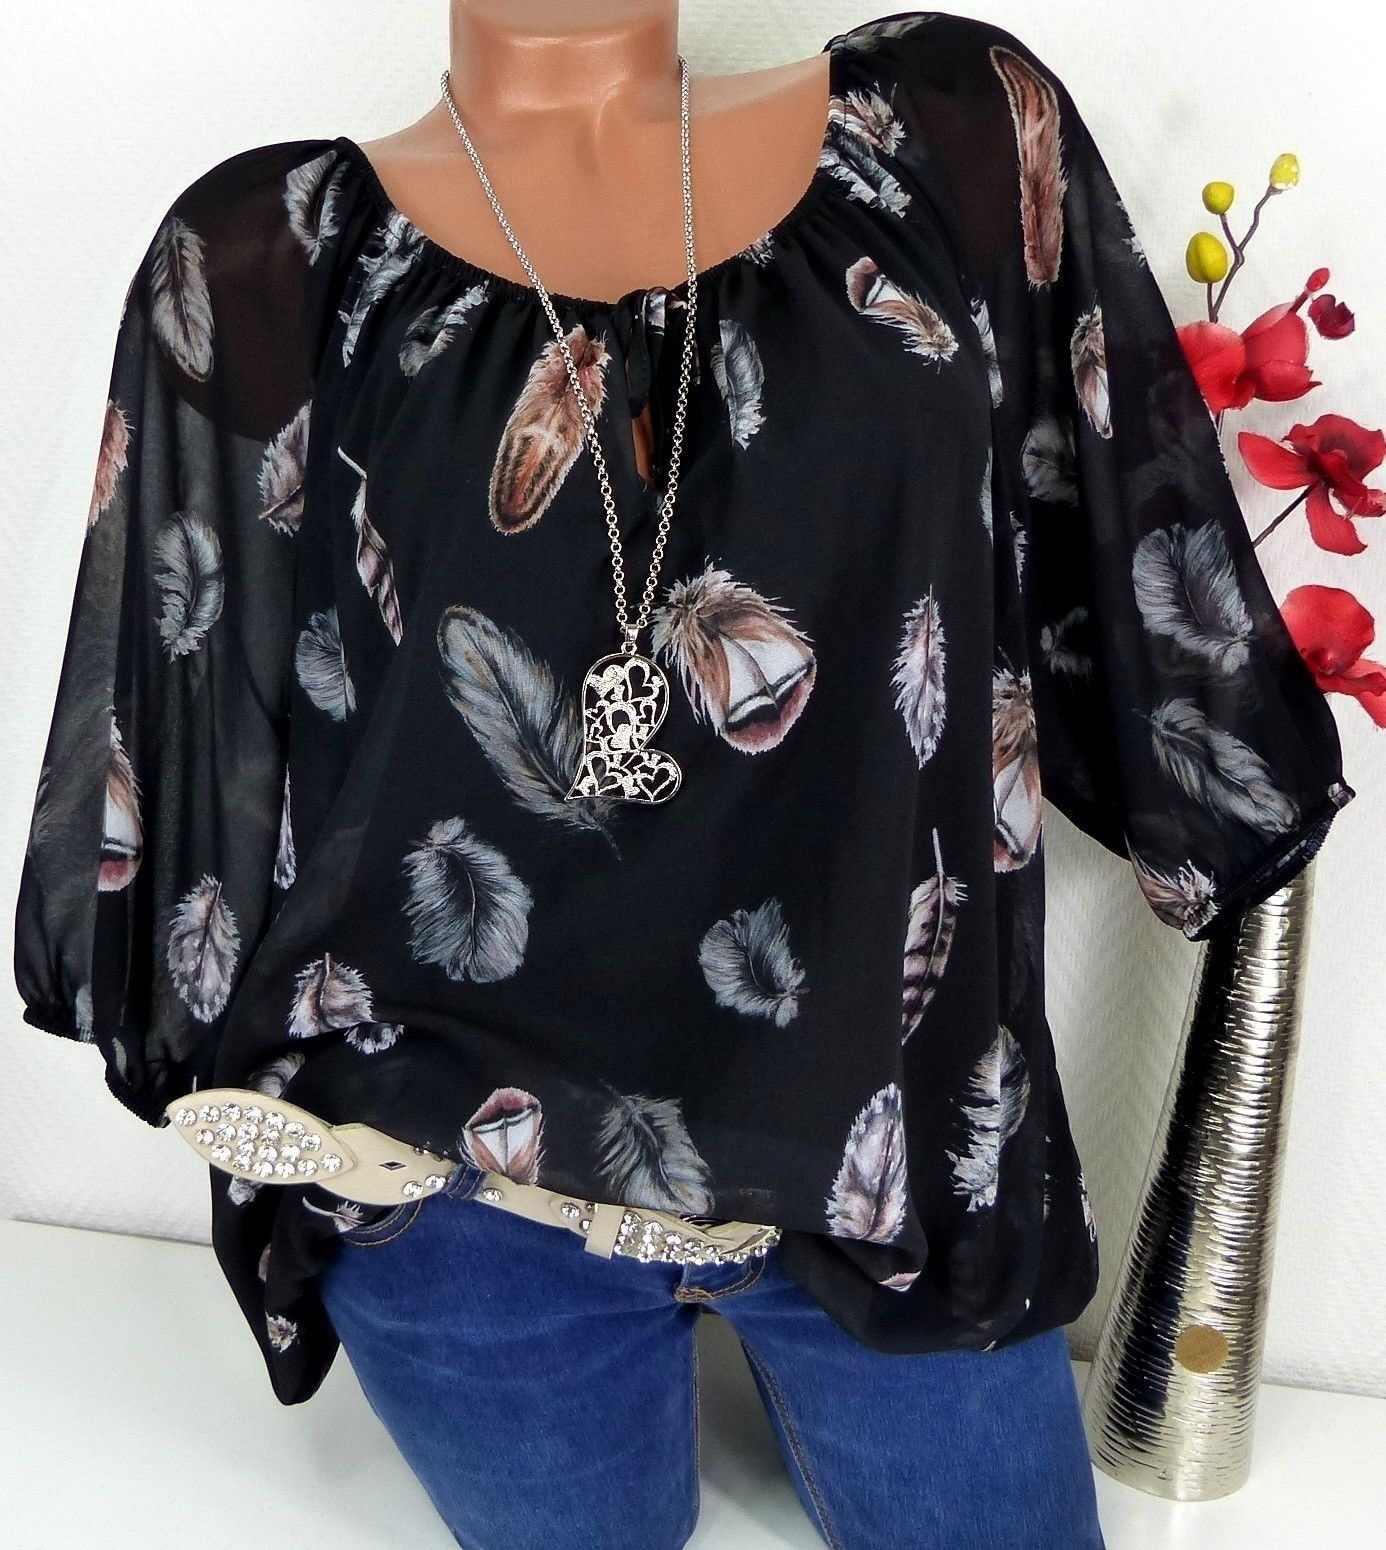 5XL Plus Ukuran Besar Blus Wanita Musim Panas Tops Baru Leisure Blus Putih Longgar Bulu Cetak V Leher Setengah Lengan kemeja Blusas